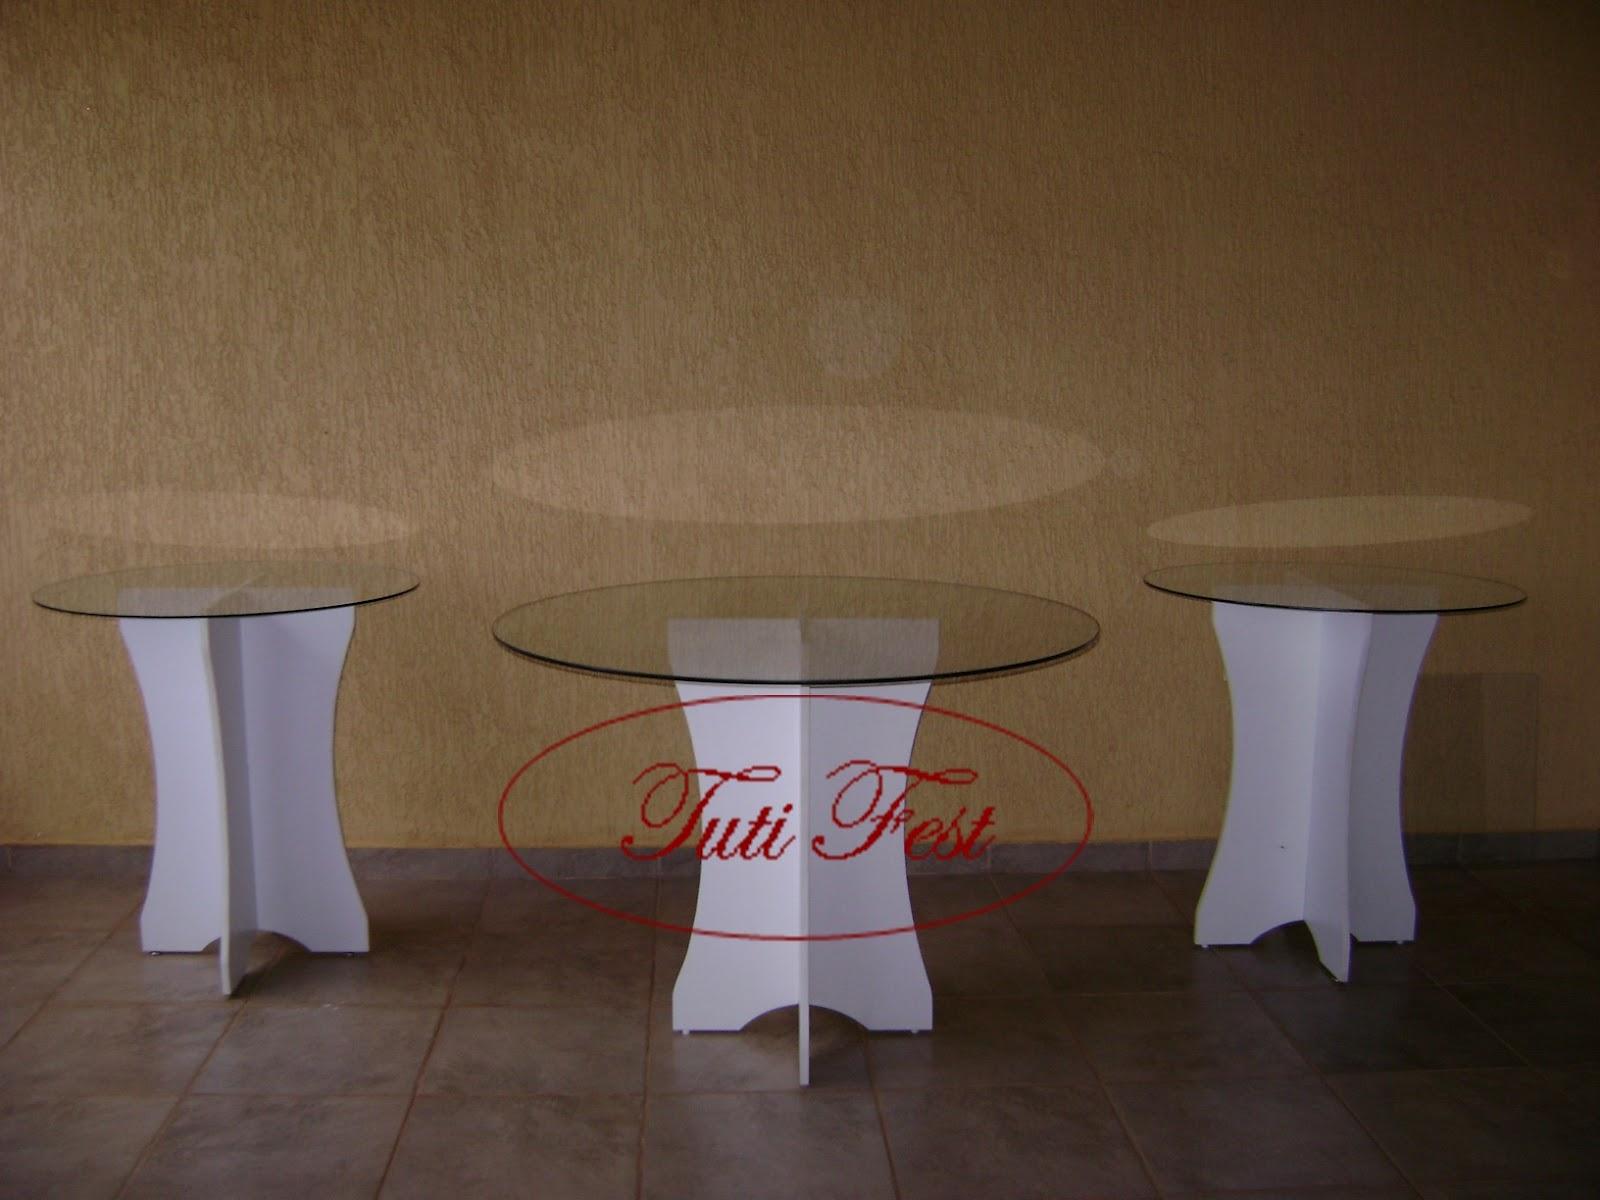 TUTI FEST: Mesas em Vidro e em Madeira Aparadores Bar Genuflexório #614931 1600x1200